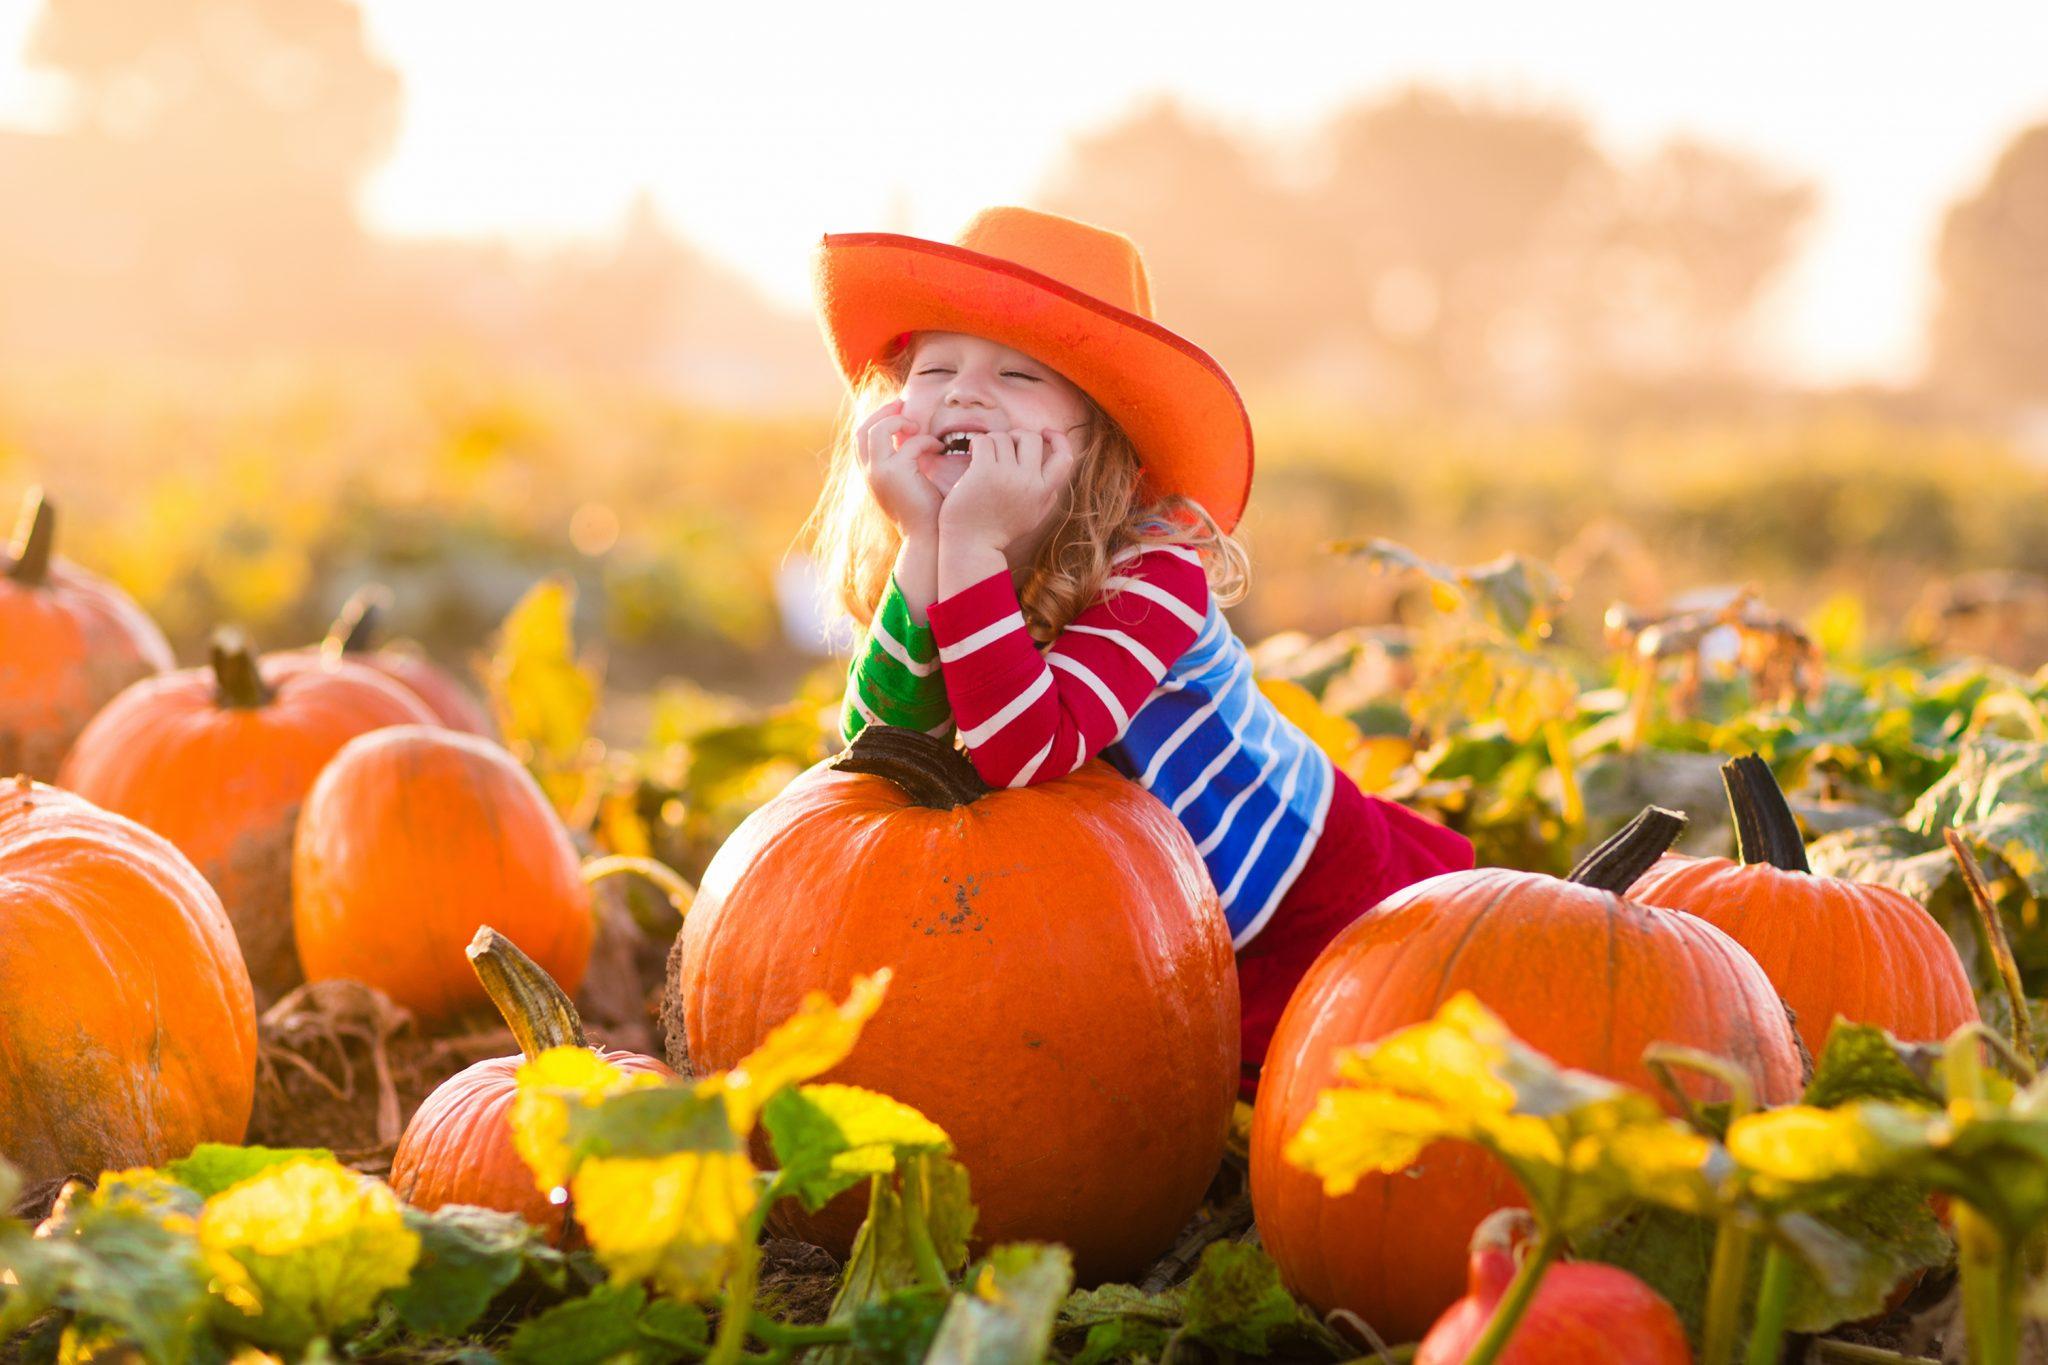 子どもがかぼちゃに乗っている